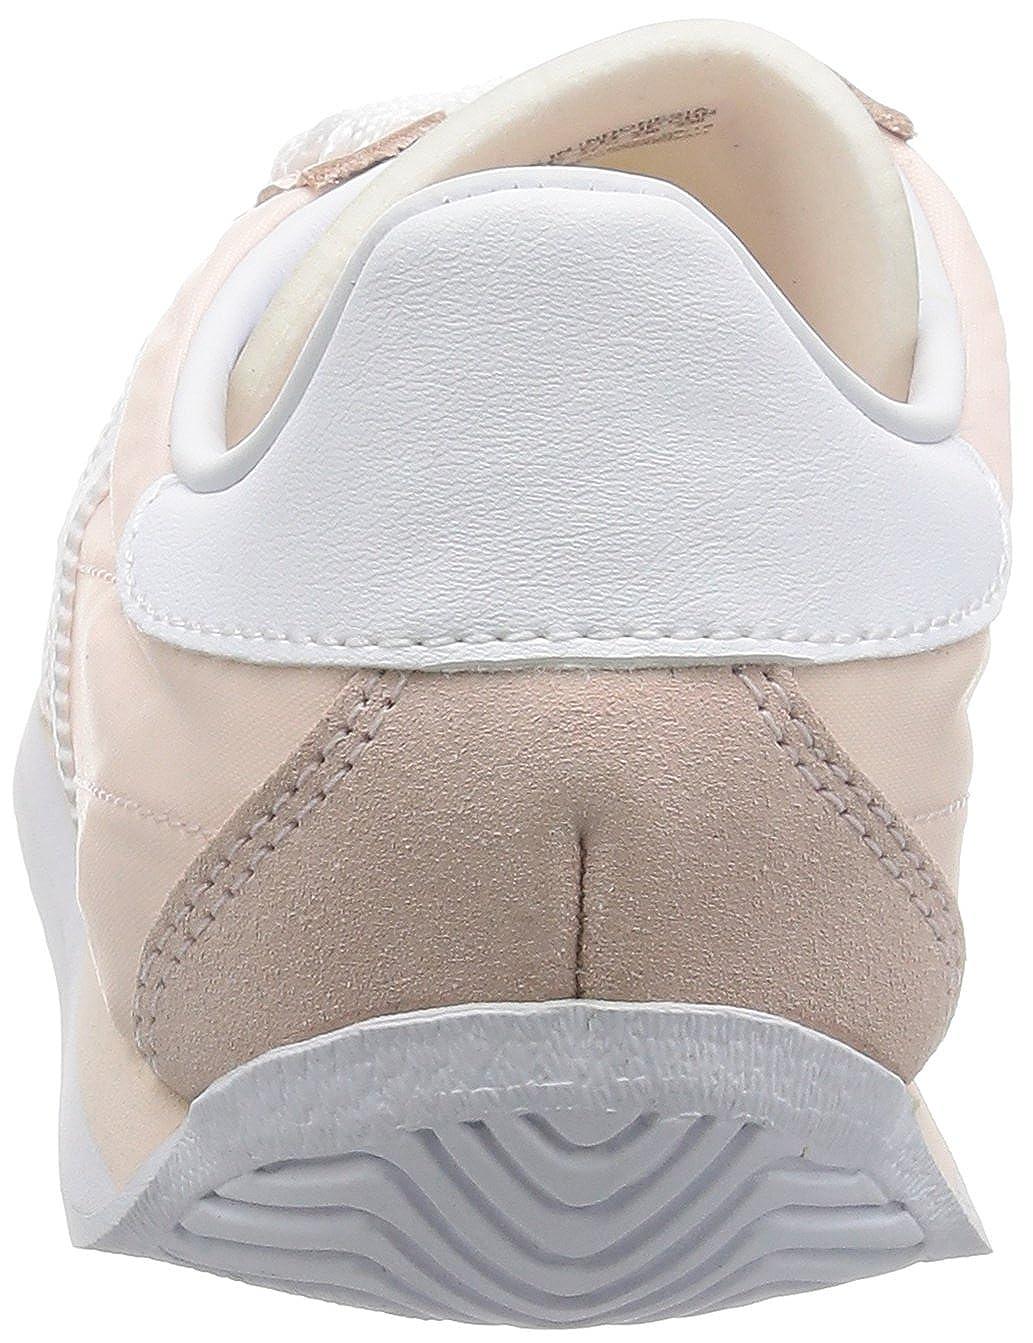 buy popular 0f2db 79c6c Adidas country og w s32200 Amazon.es Zapatos y complementos